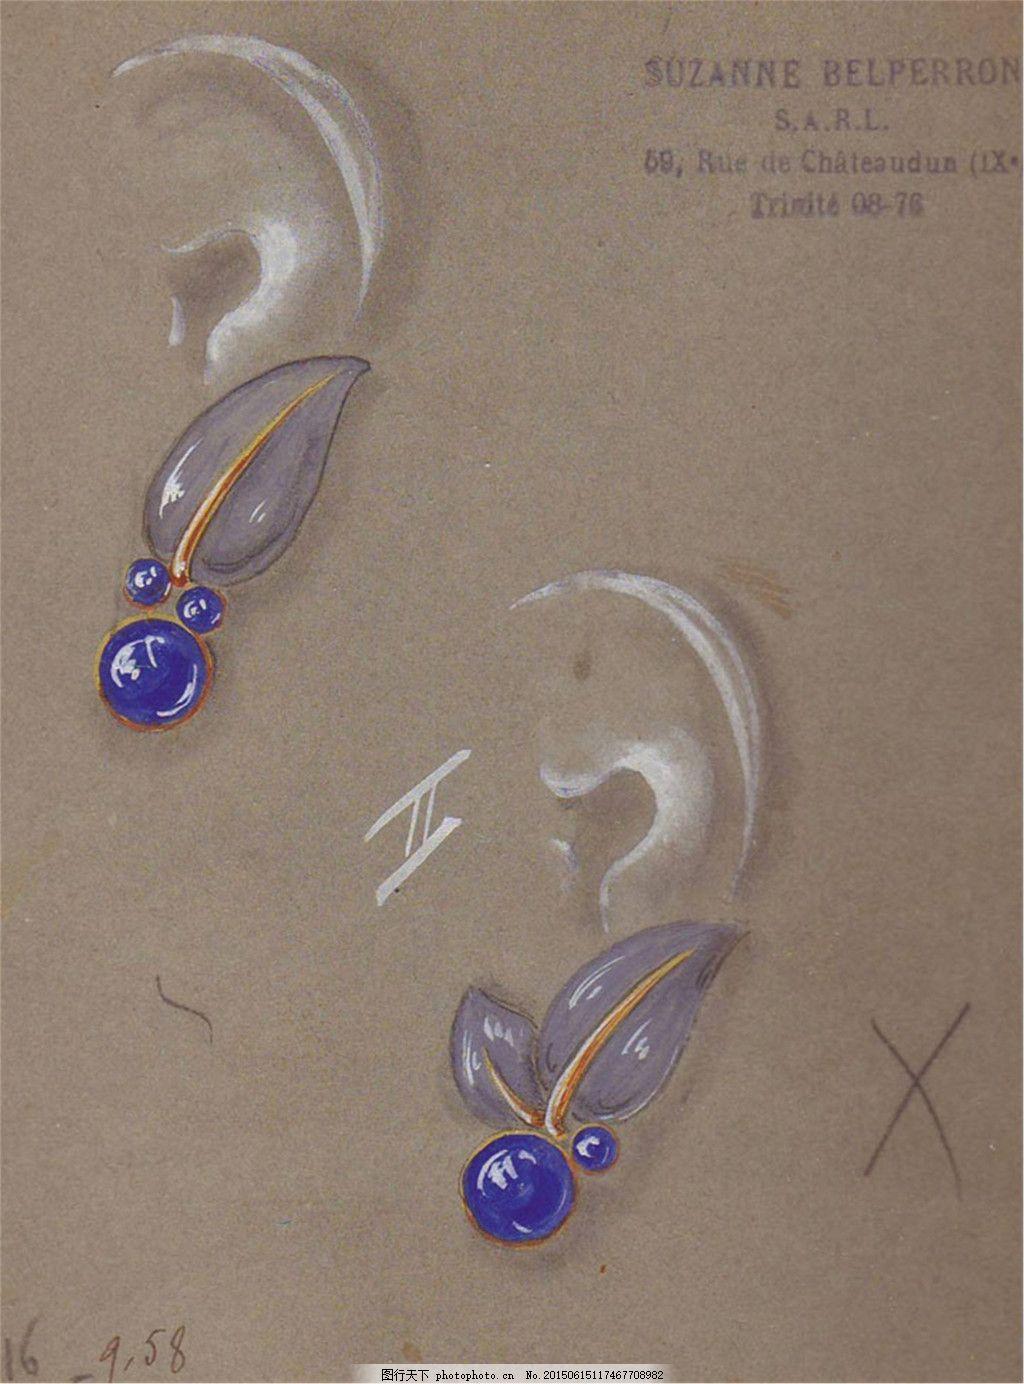 手绘简约珠宝图片素材 美丽 彩色 创意 时尚 大气 灰色